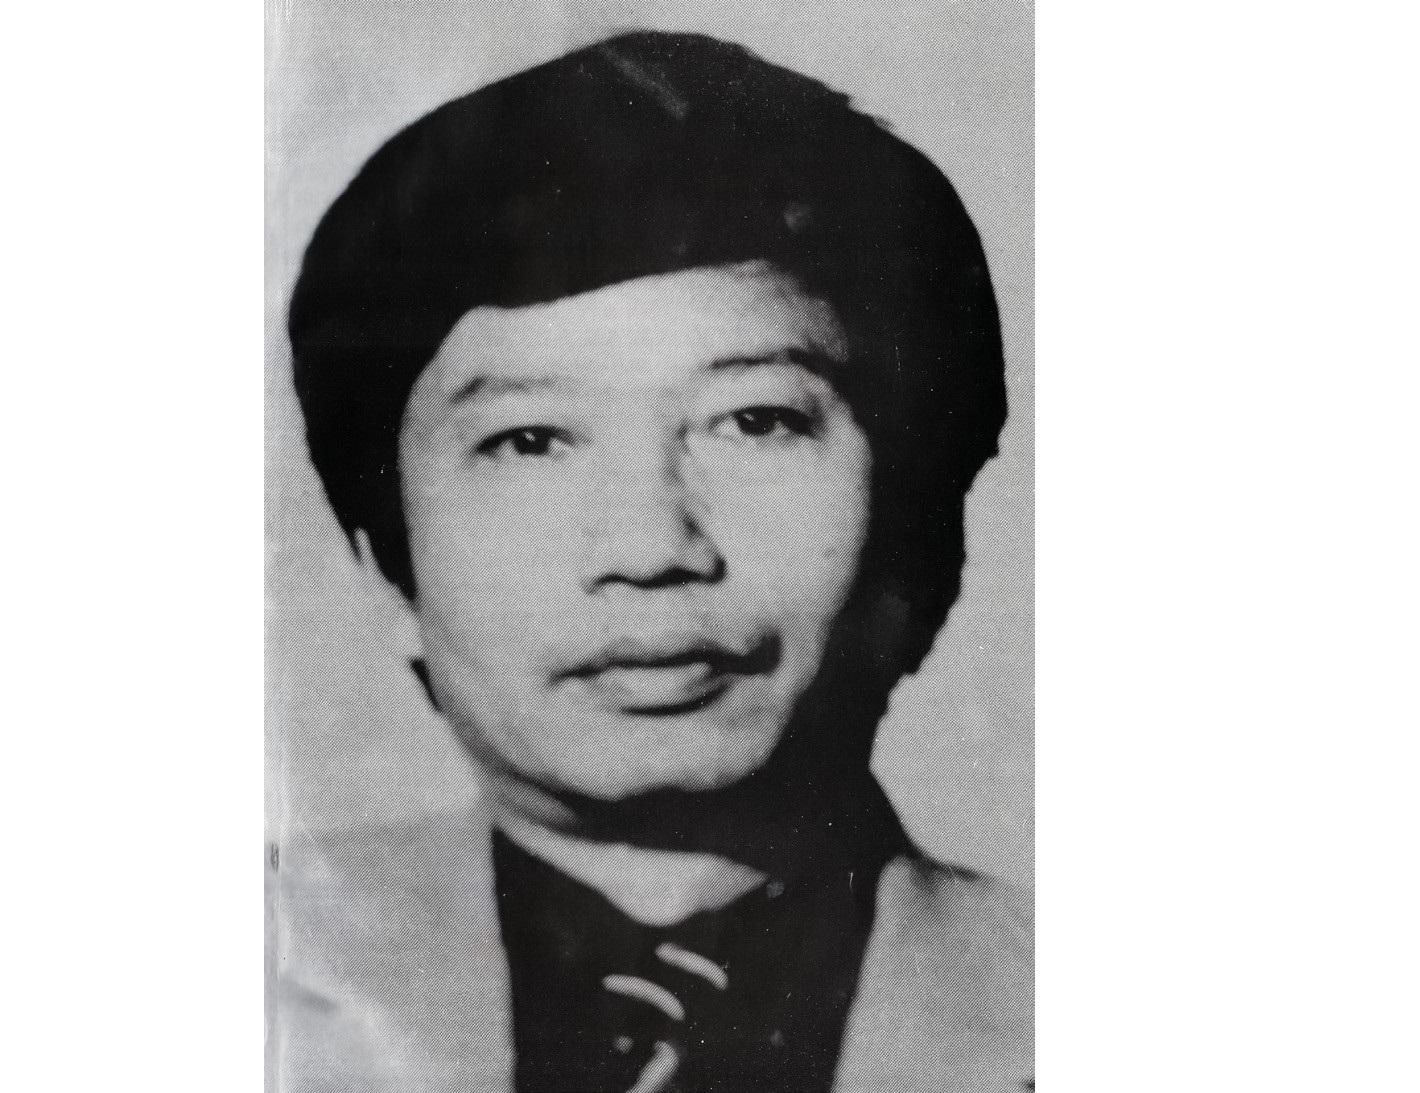 Hội thảo quốc gia: Xuân Trình, nhà viết kịch, nhà lãnh đạo sân khấu tiên phong của sự nghiệp đổi mới